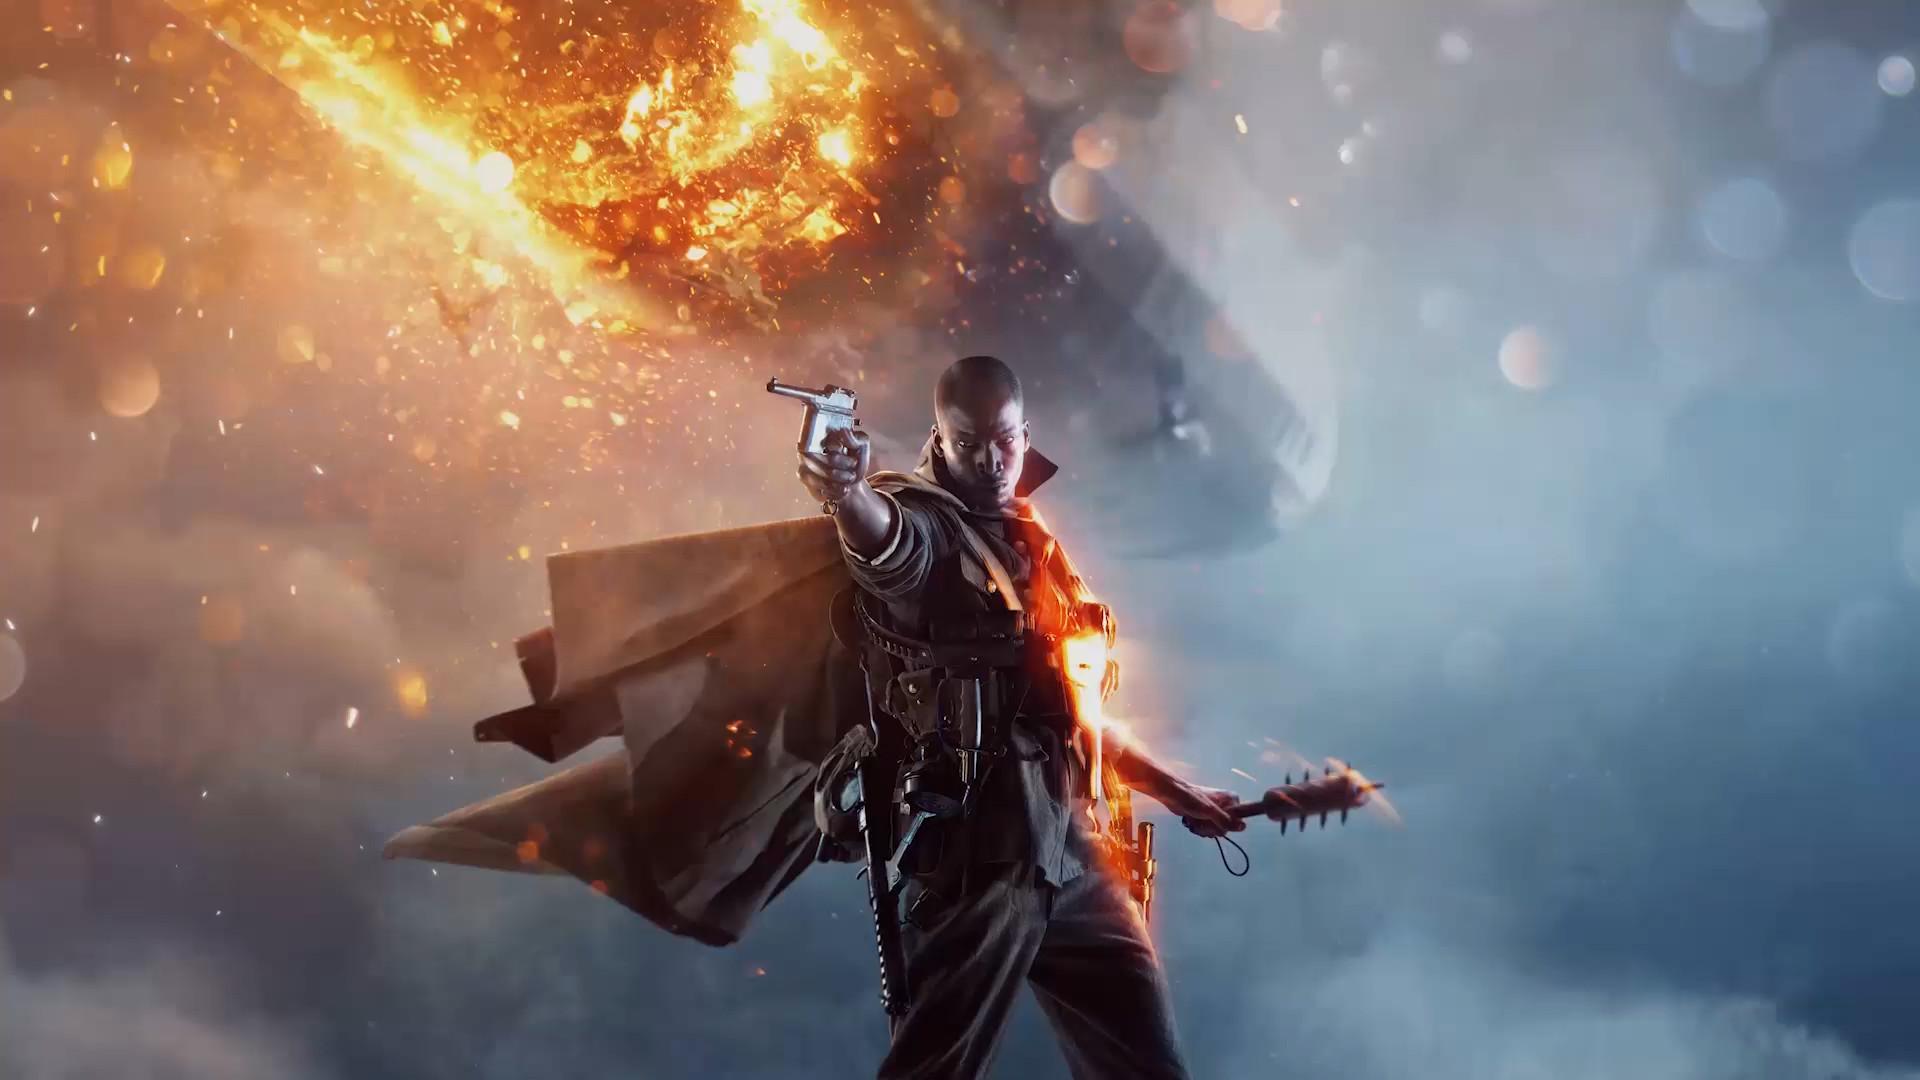 E3 2016 rozpoczyna sięod EA Play! Battlefield 1, nowy Mass Effect, FIFA 17 i inne – oglądaj na Spider's Web